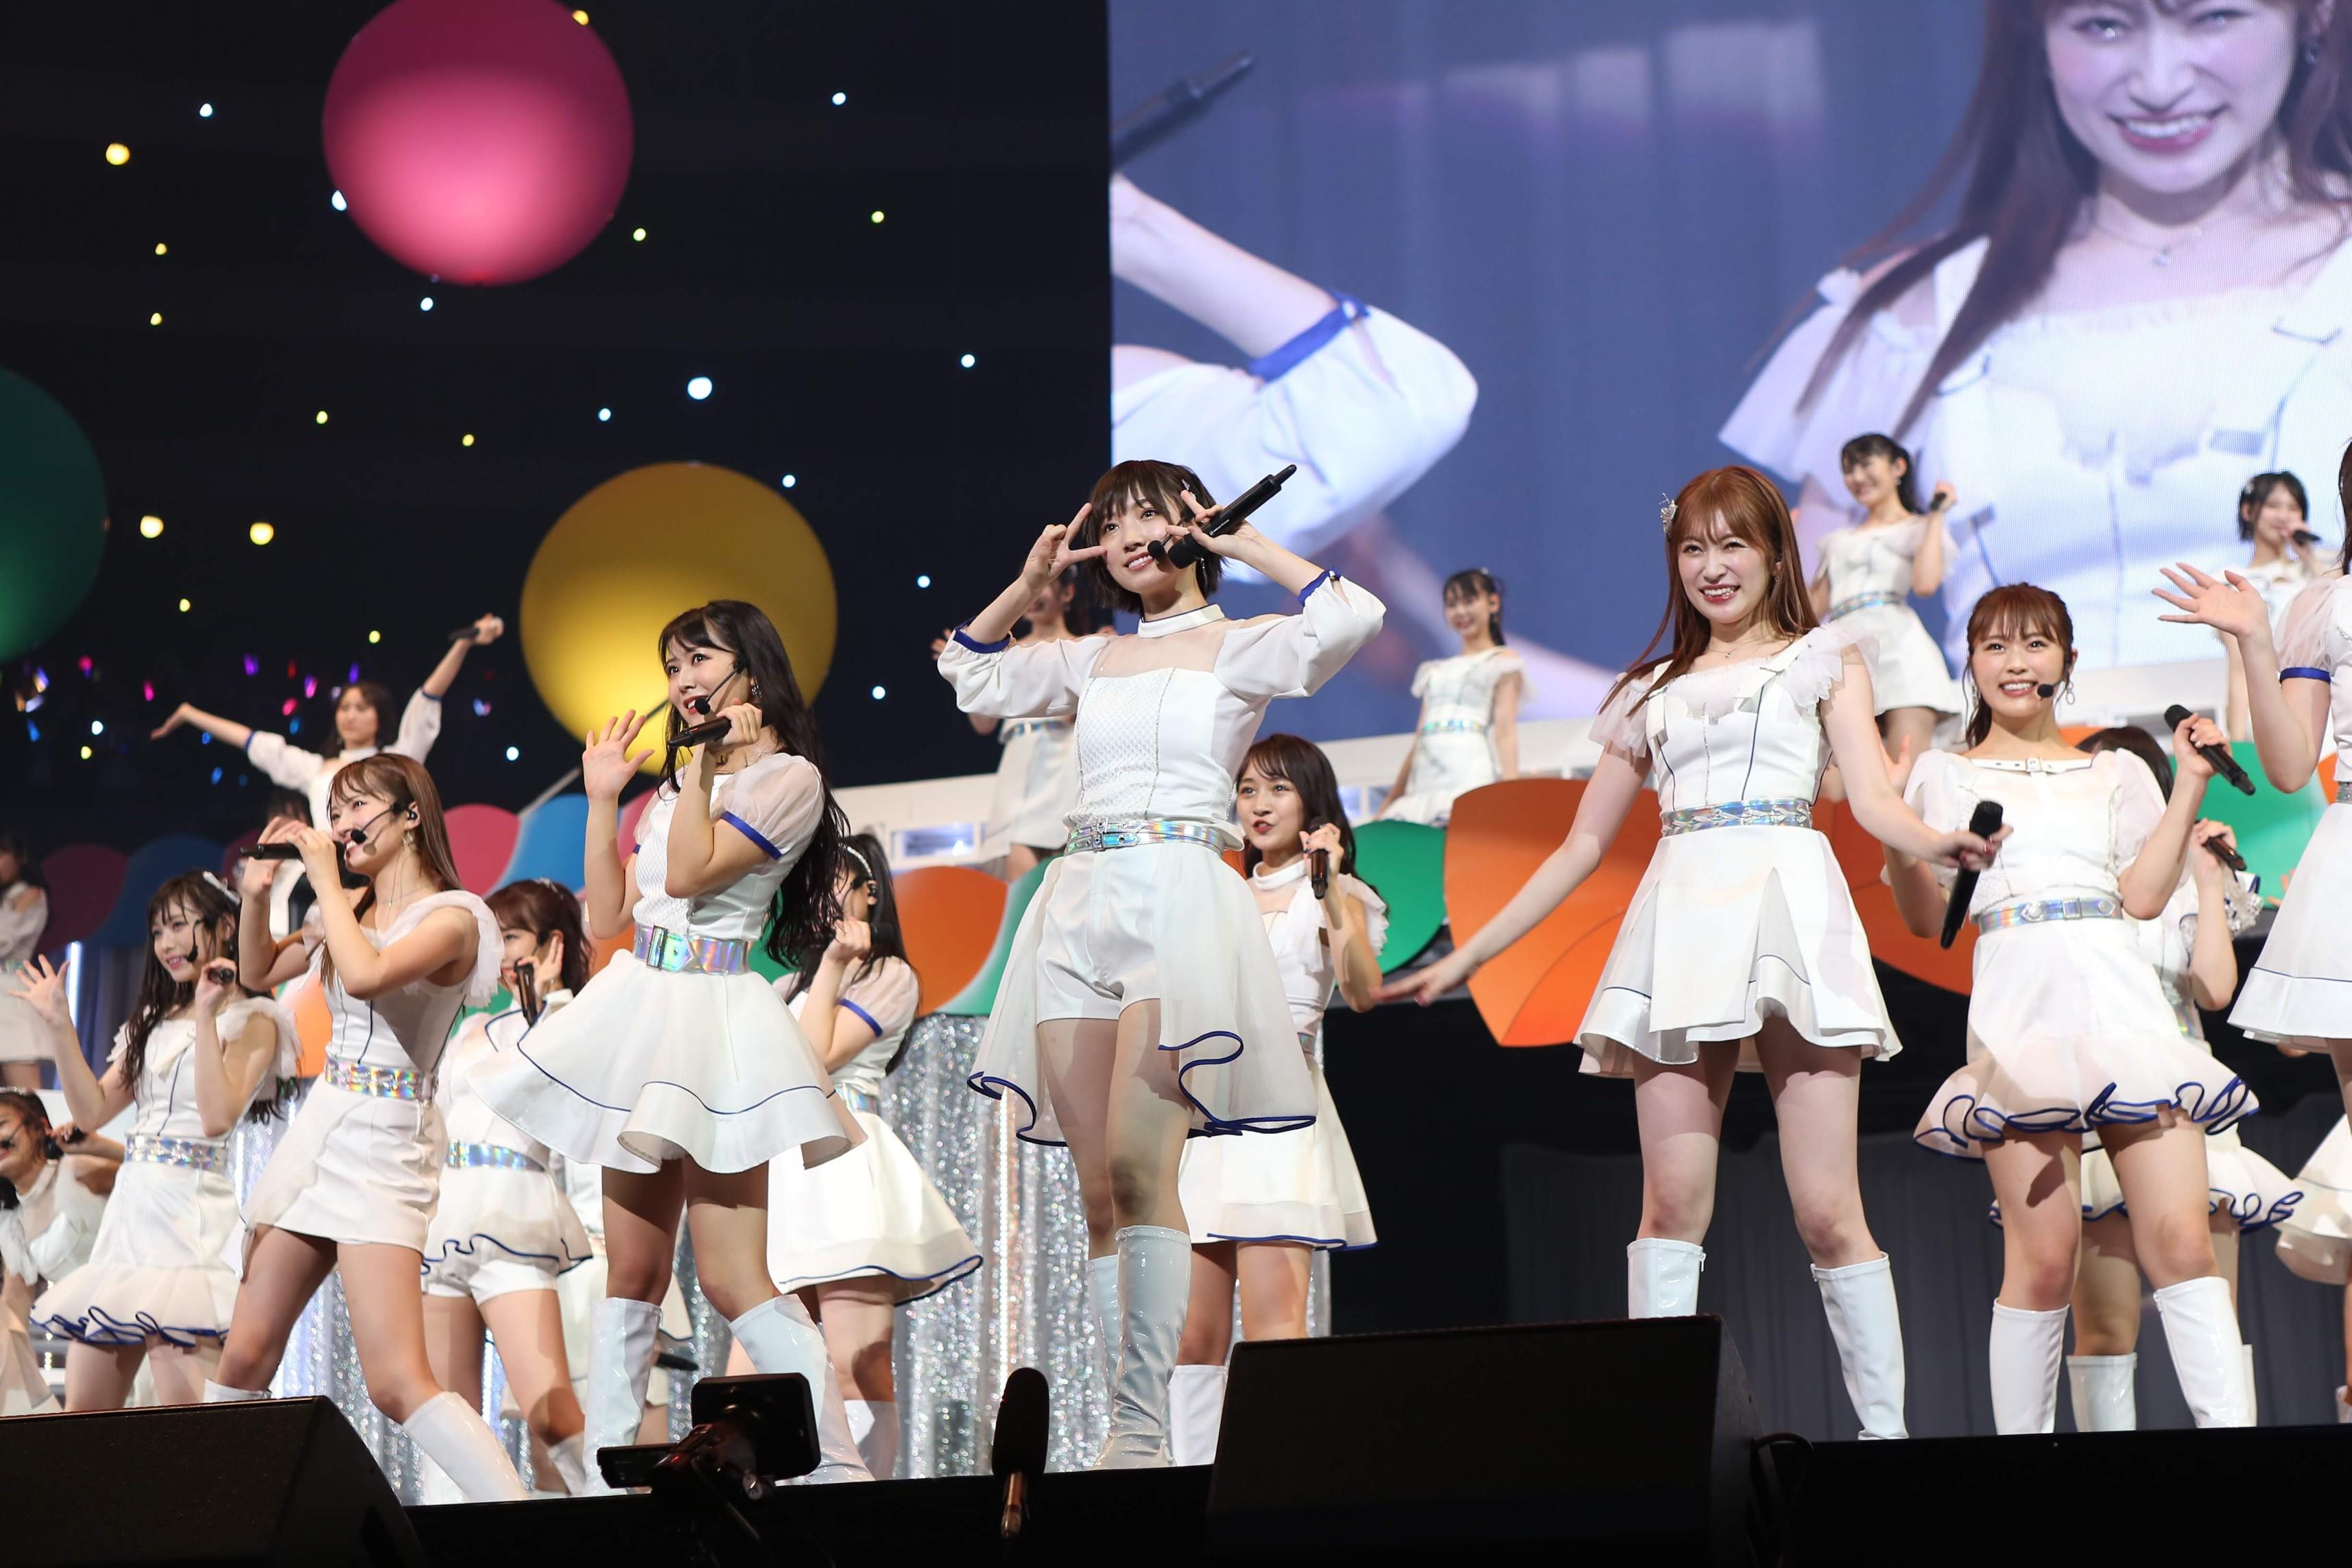 【NMB48】10.5大阪城ホール「NMB48 9th Anniversary LIVE」アザーショット・オフショットの画像。